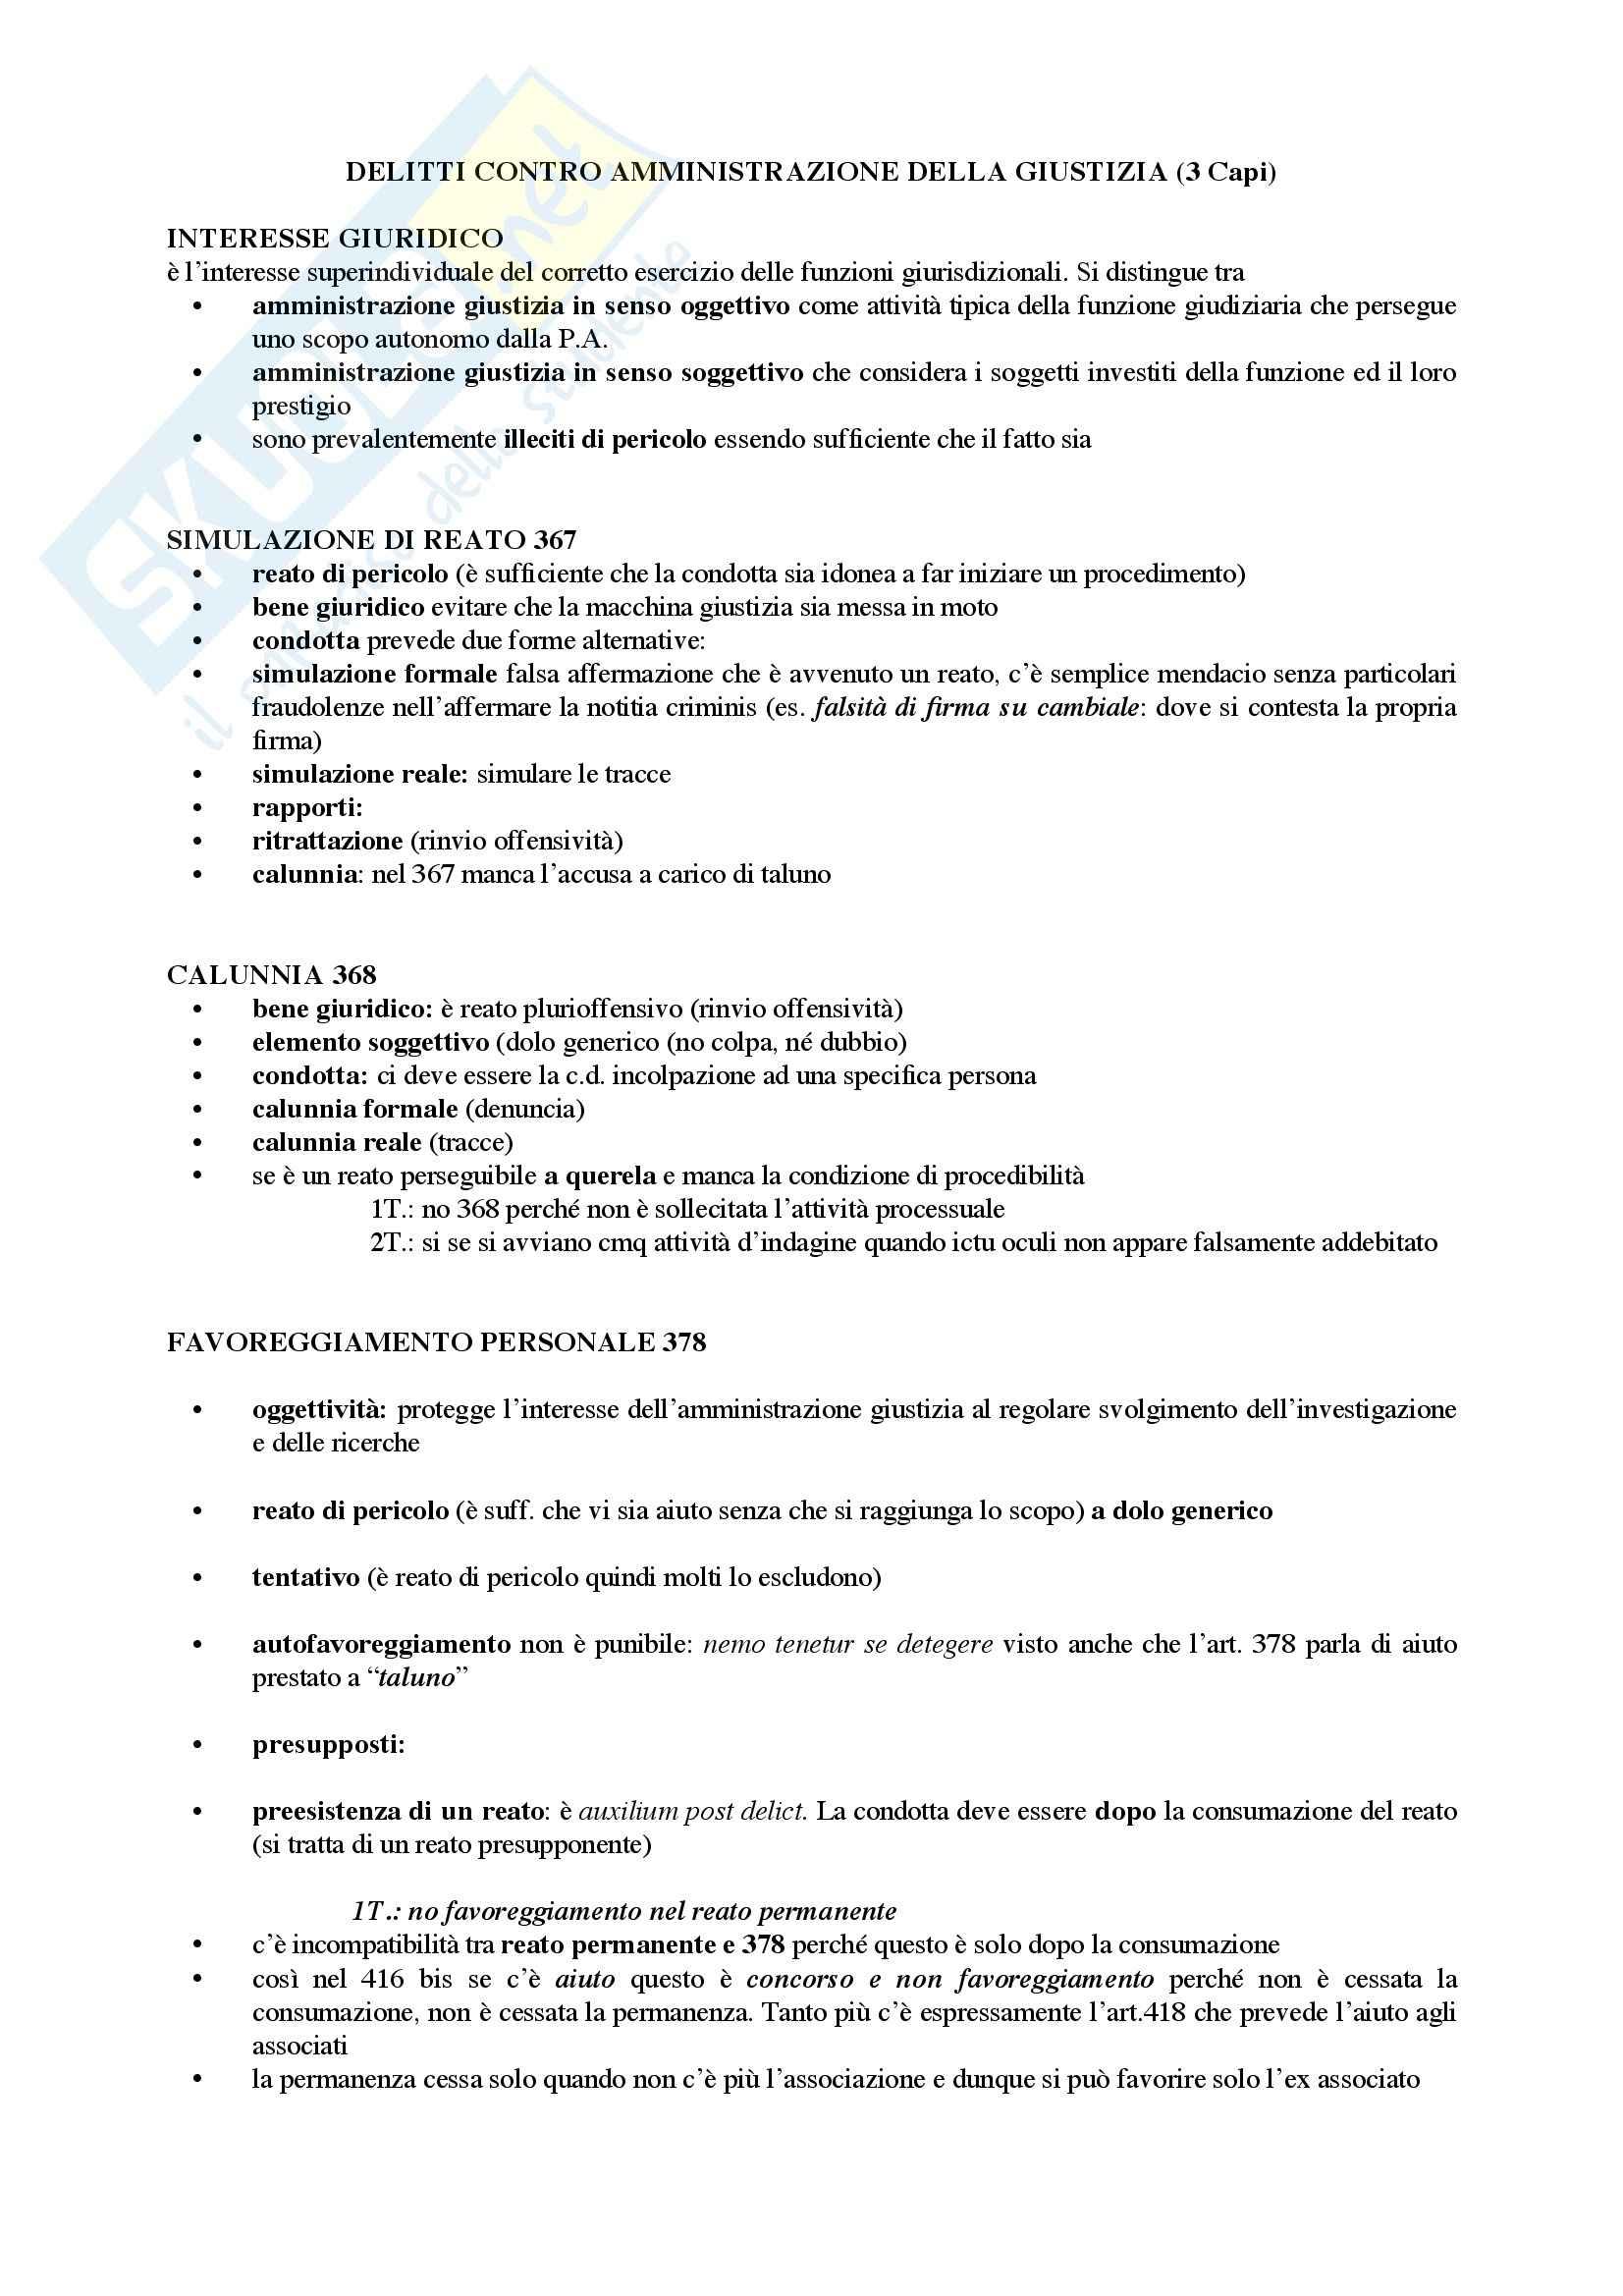 Diritto penale, Fiandaca/Musco - Capitolo 3